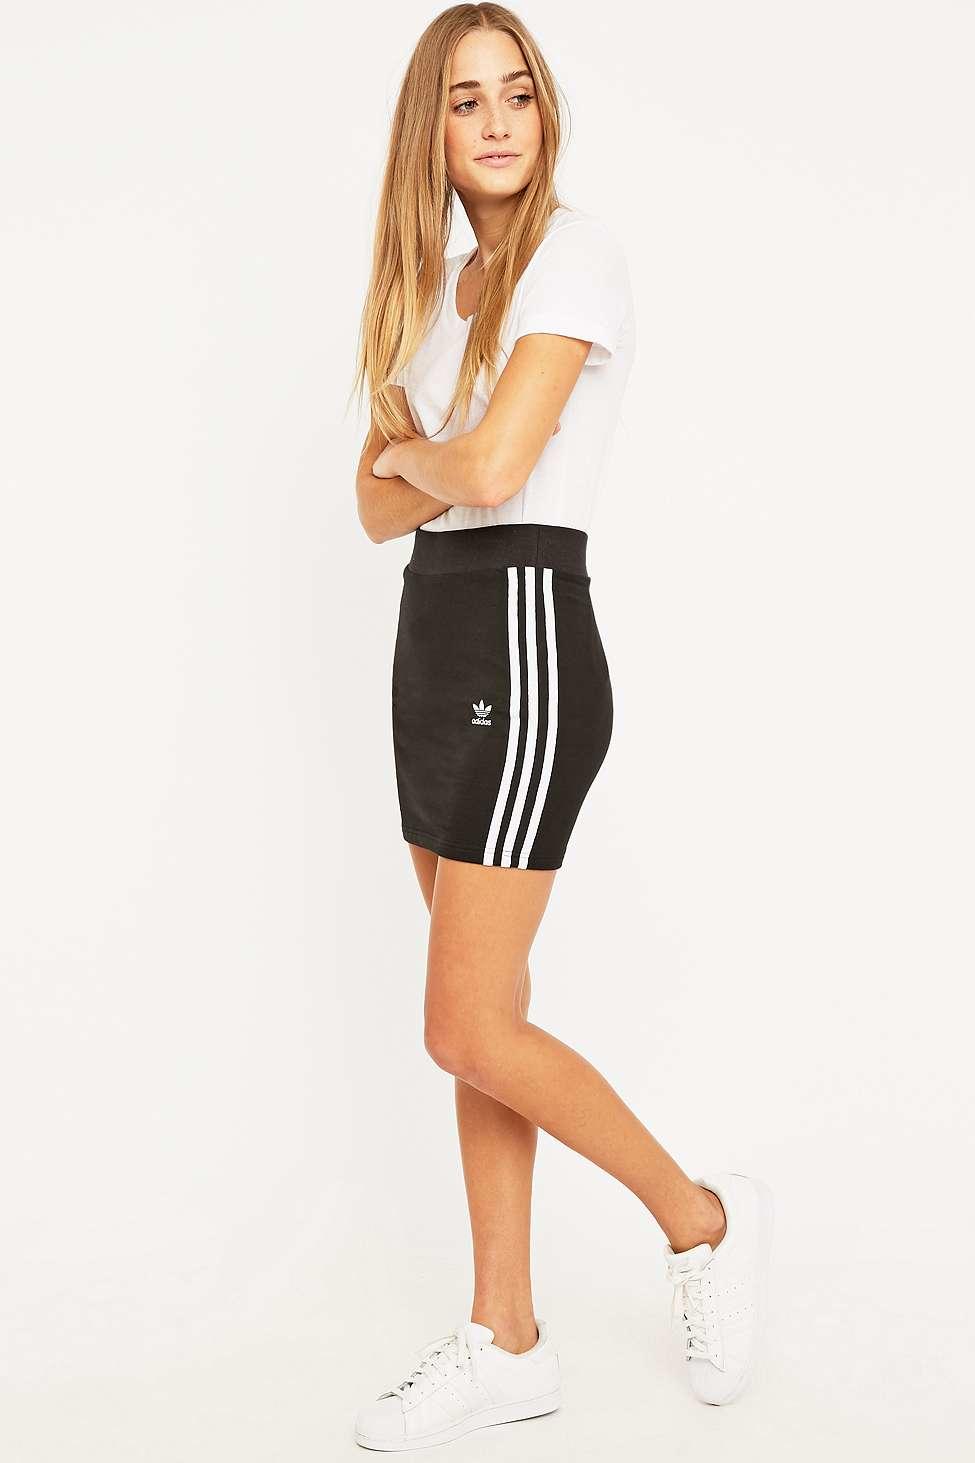 a3f9d15034 adidas Originals Three Stripe Black Mini Skirt in Black - Lyst